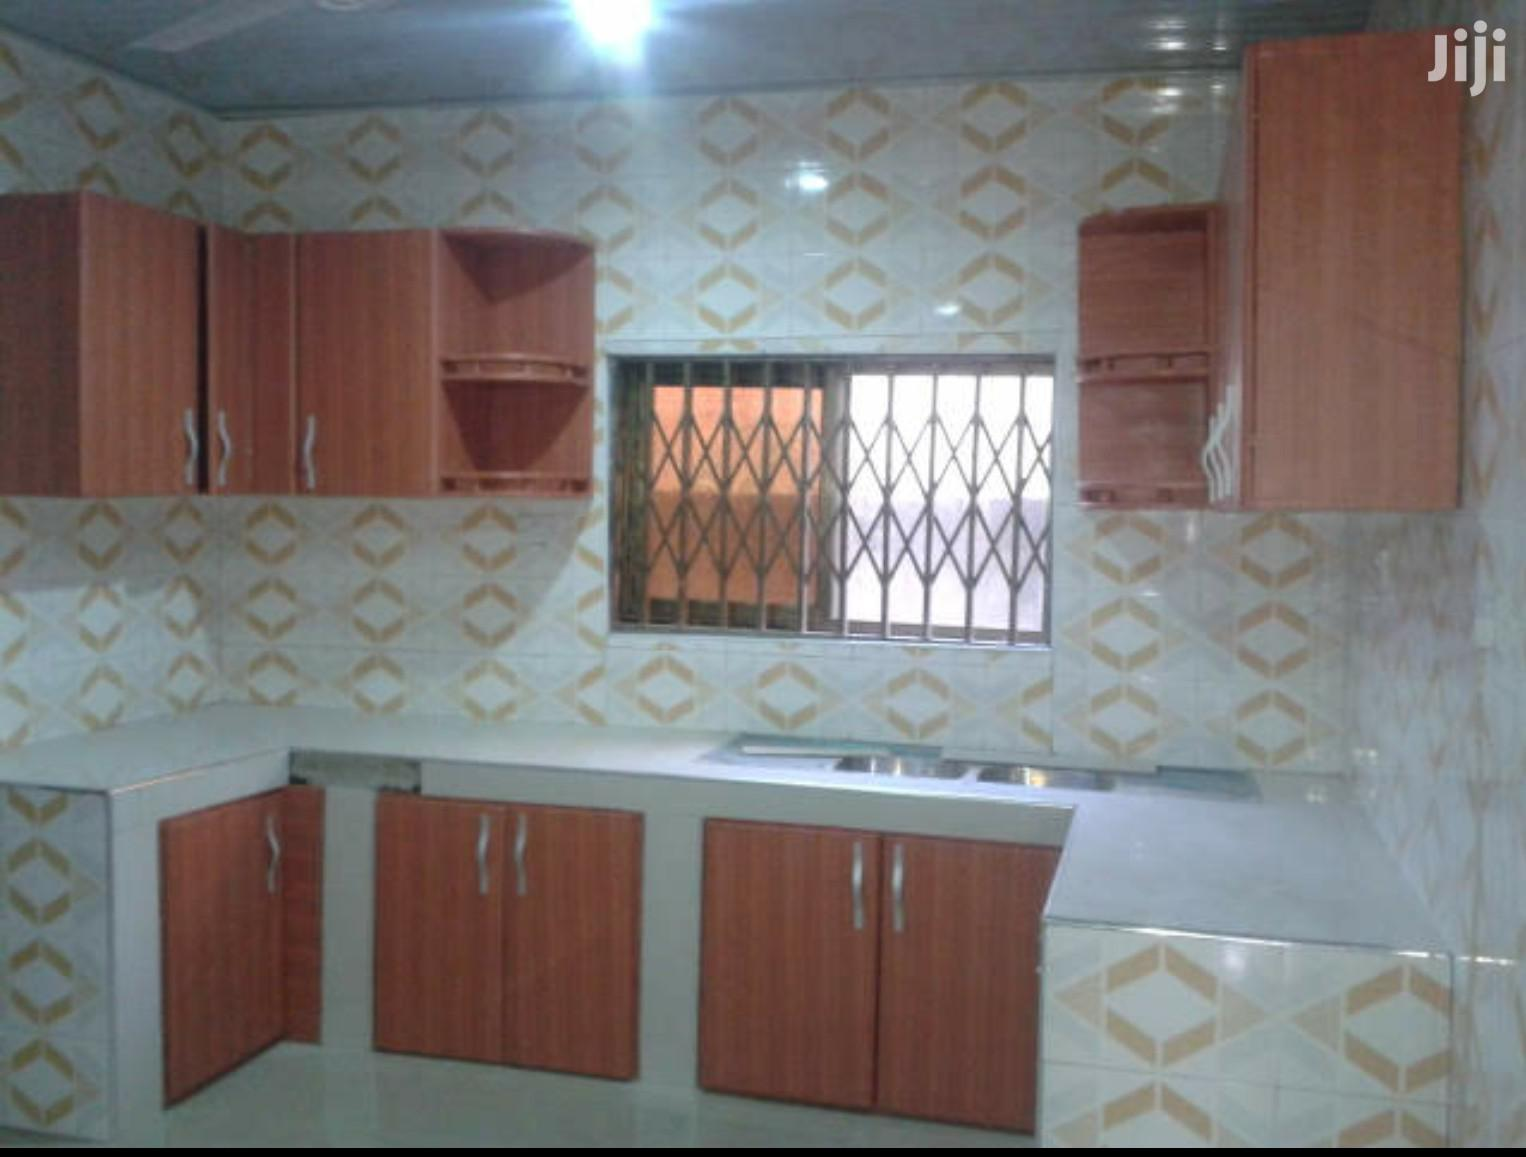 Concrete Kitchen Cabinet From KSA Furniture. in Kwashieman ...